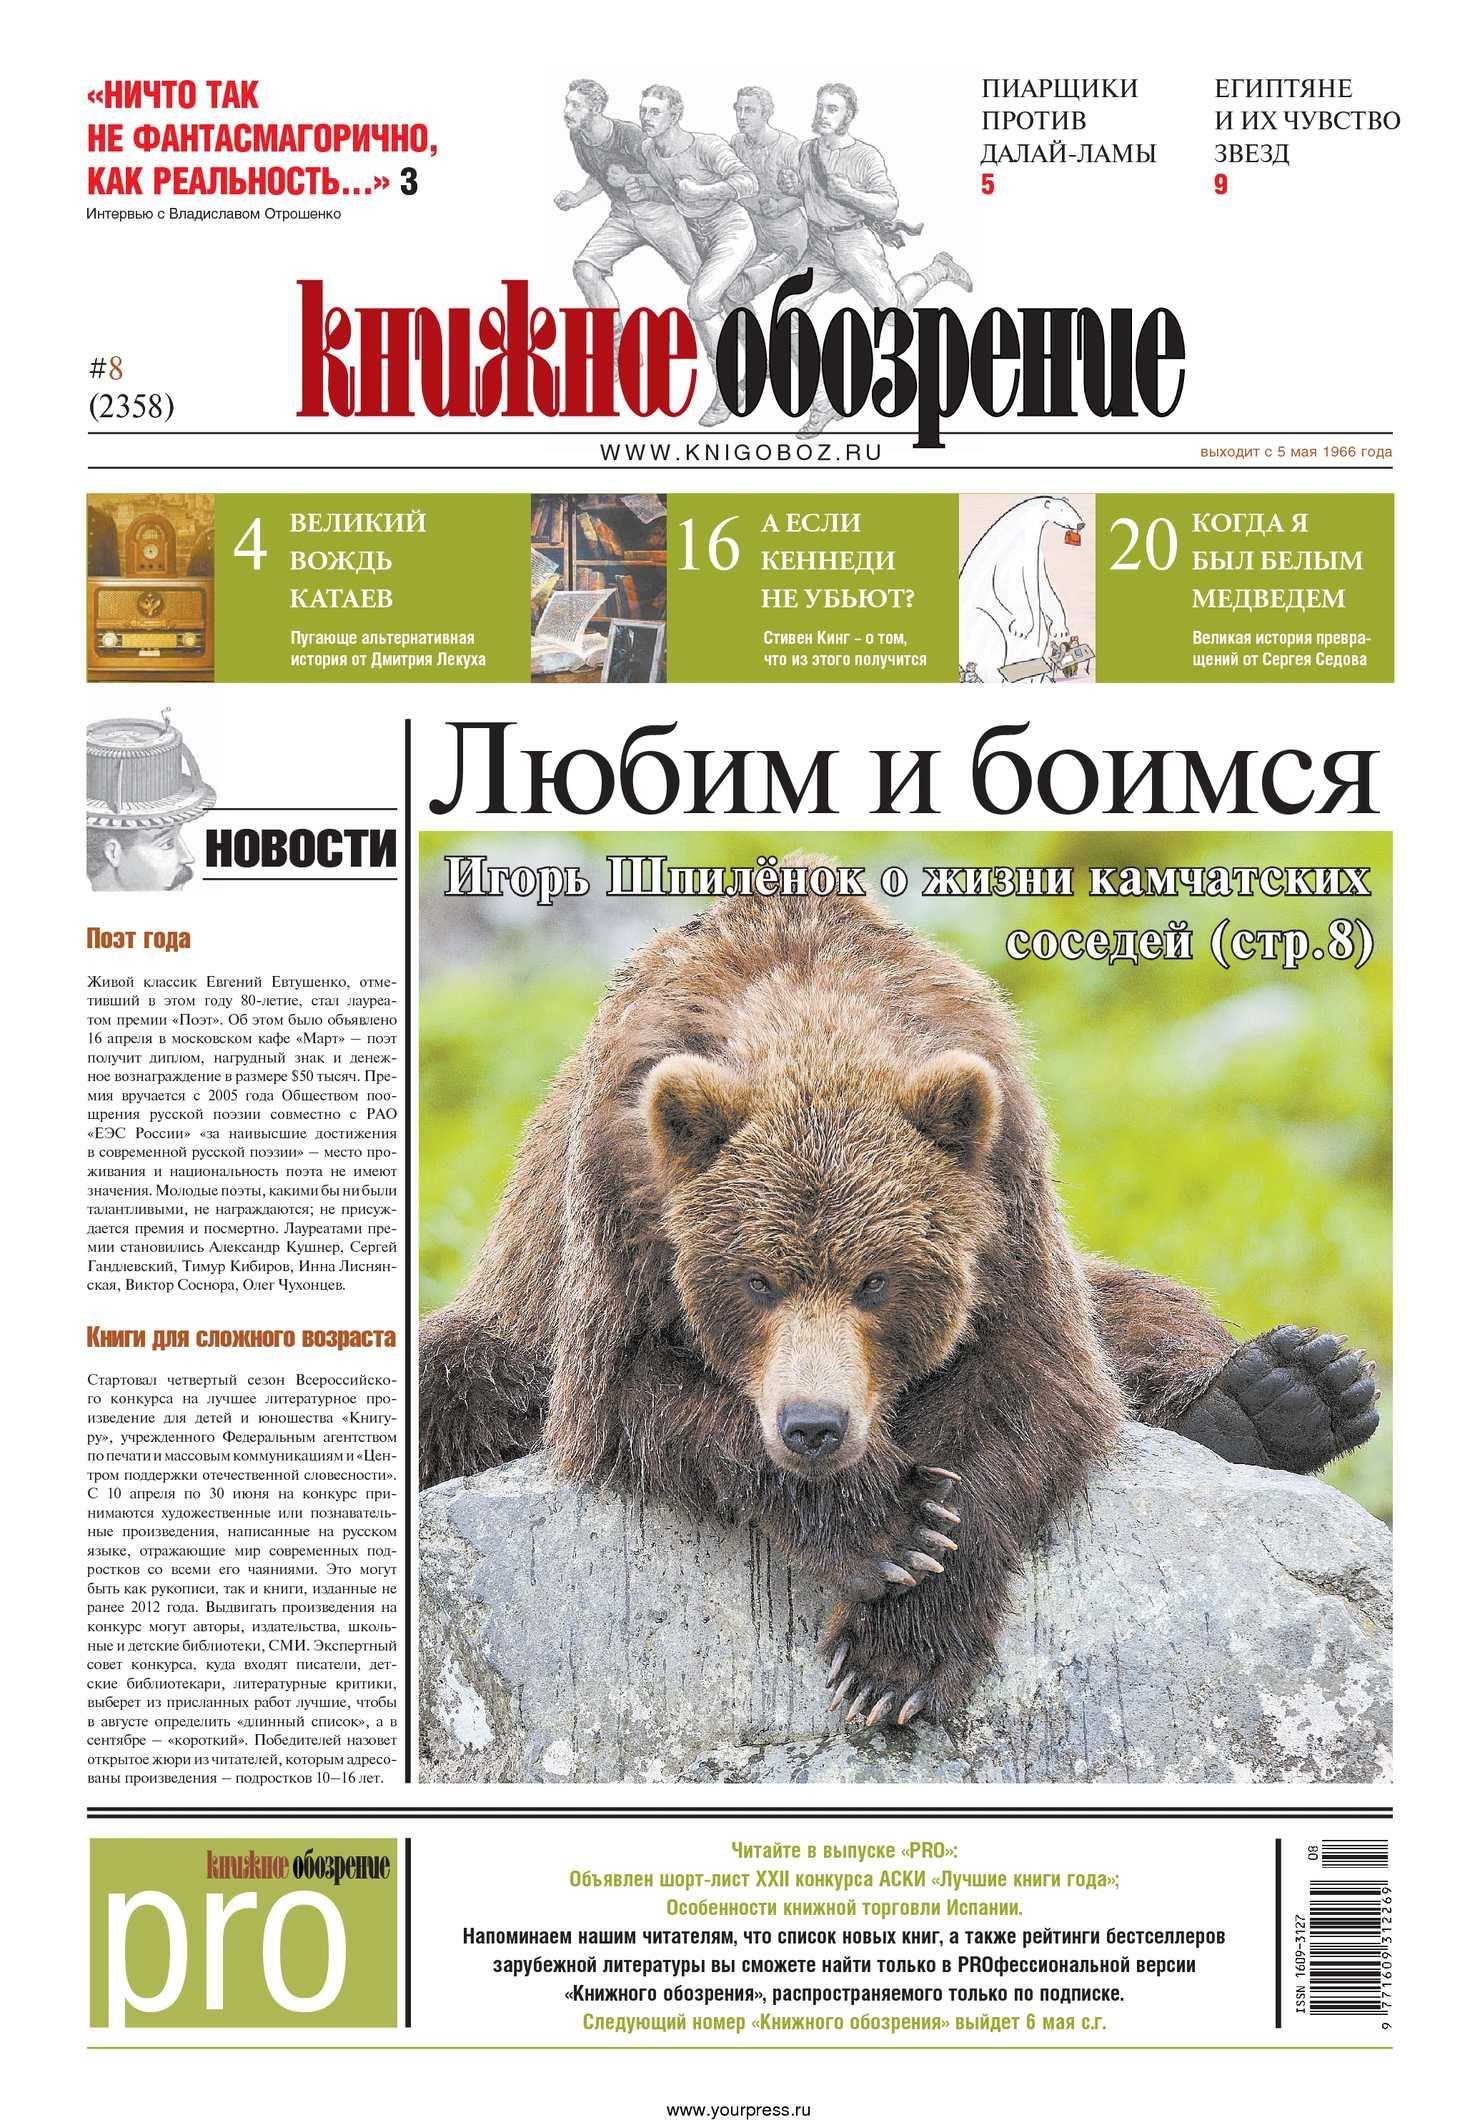 Газета. Книжное обозрение № 8 (2358)